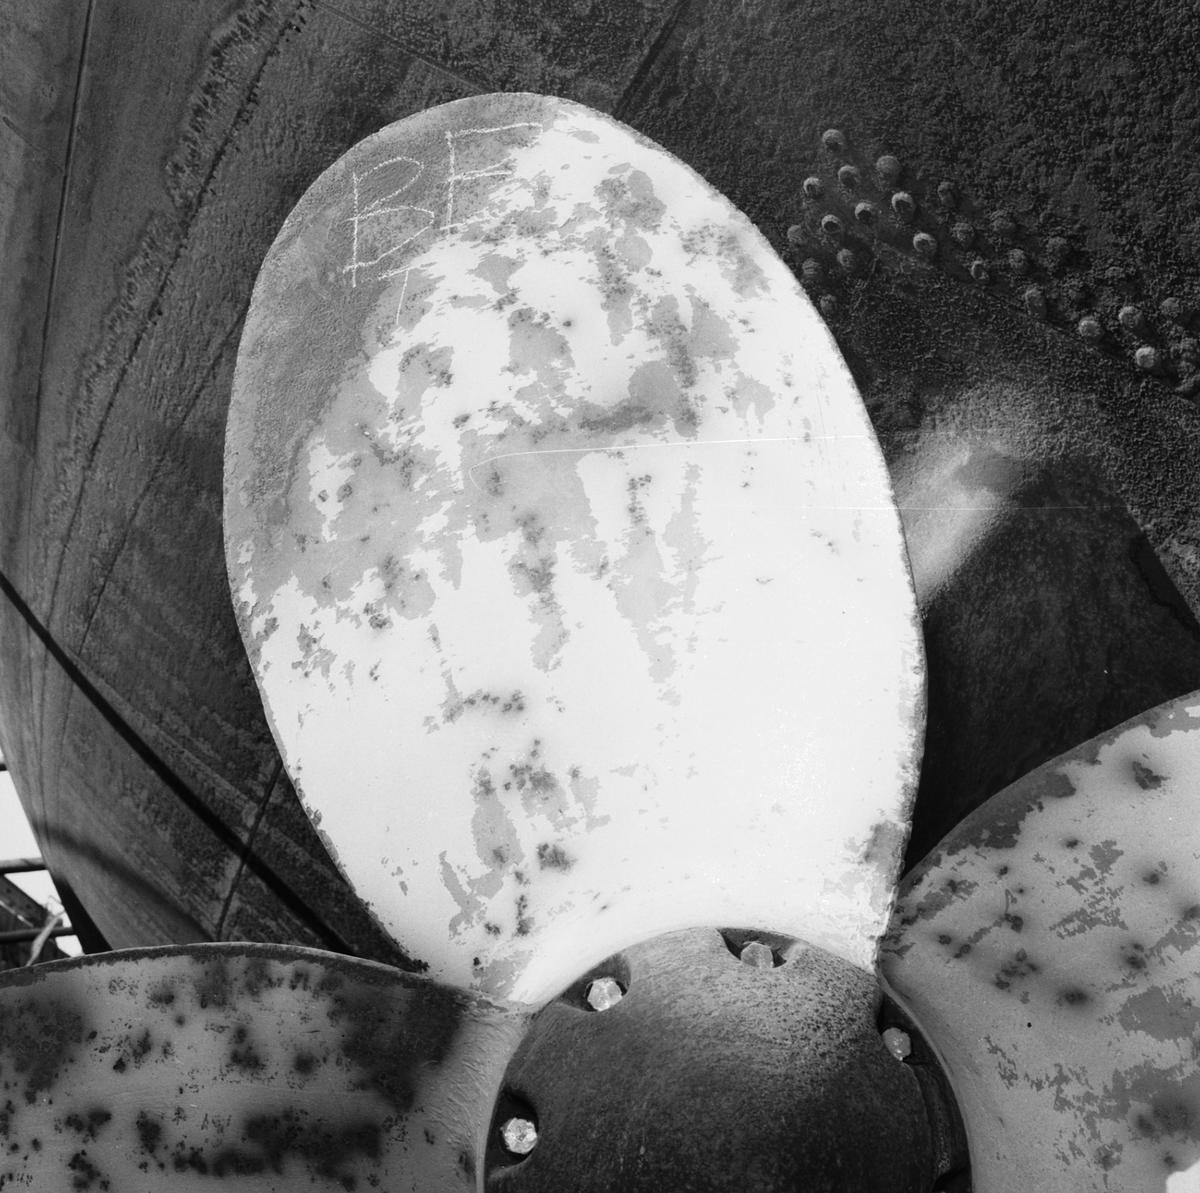 Fartyg: THULE                          Bredd över allt 15.0 meter Längd över allt 57.0 meter  Rederi: Svenska staten Byggår: 1953 Varv: Örlogsvarvet, Karlskrona Övrigt: Propeller